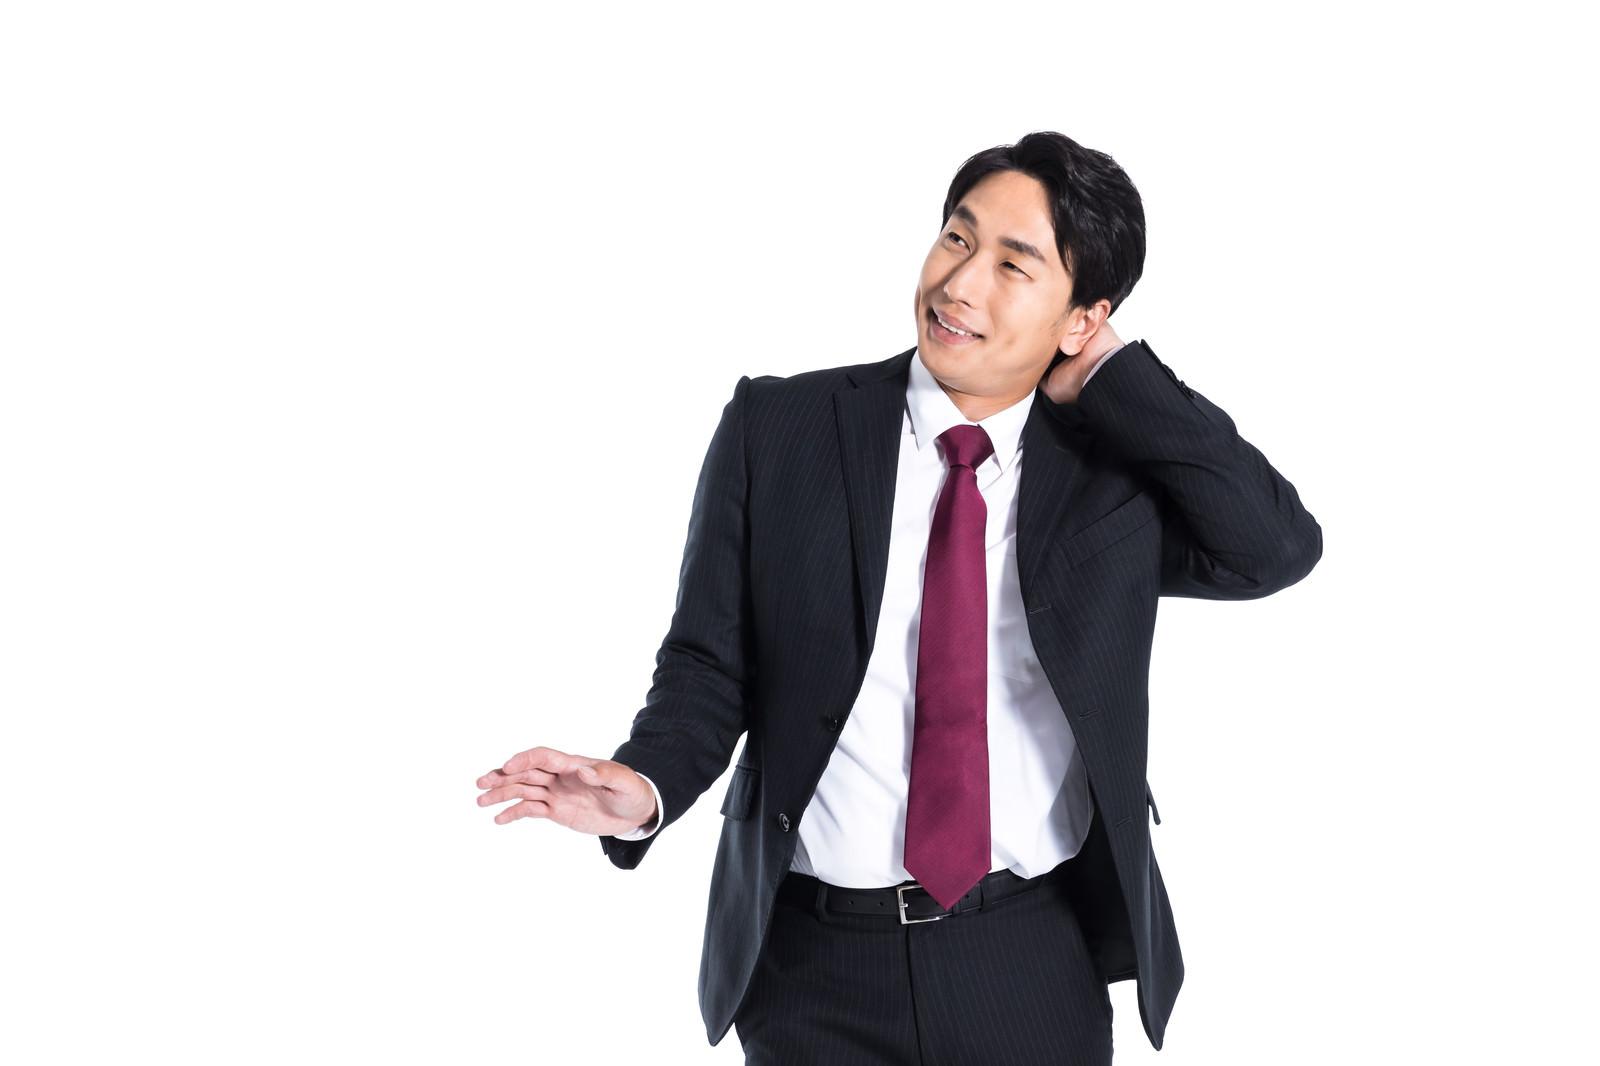 「遠慮する会社員」の写真[モデル:大川竜弥]